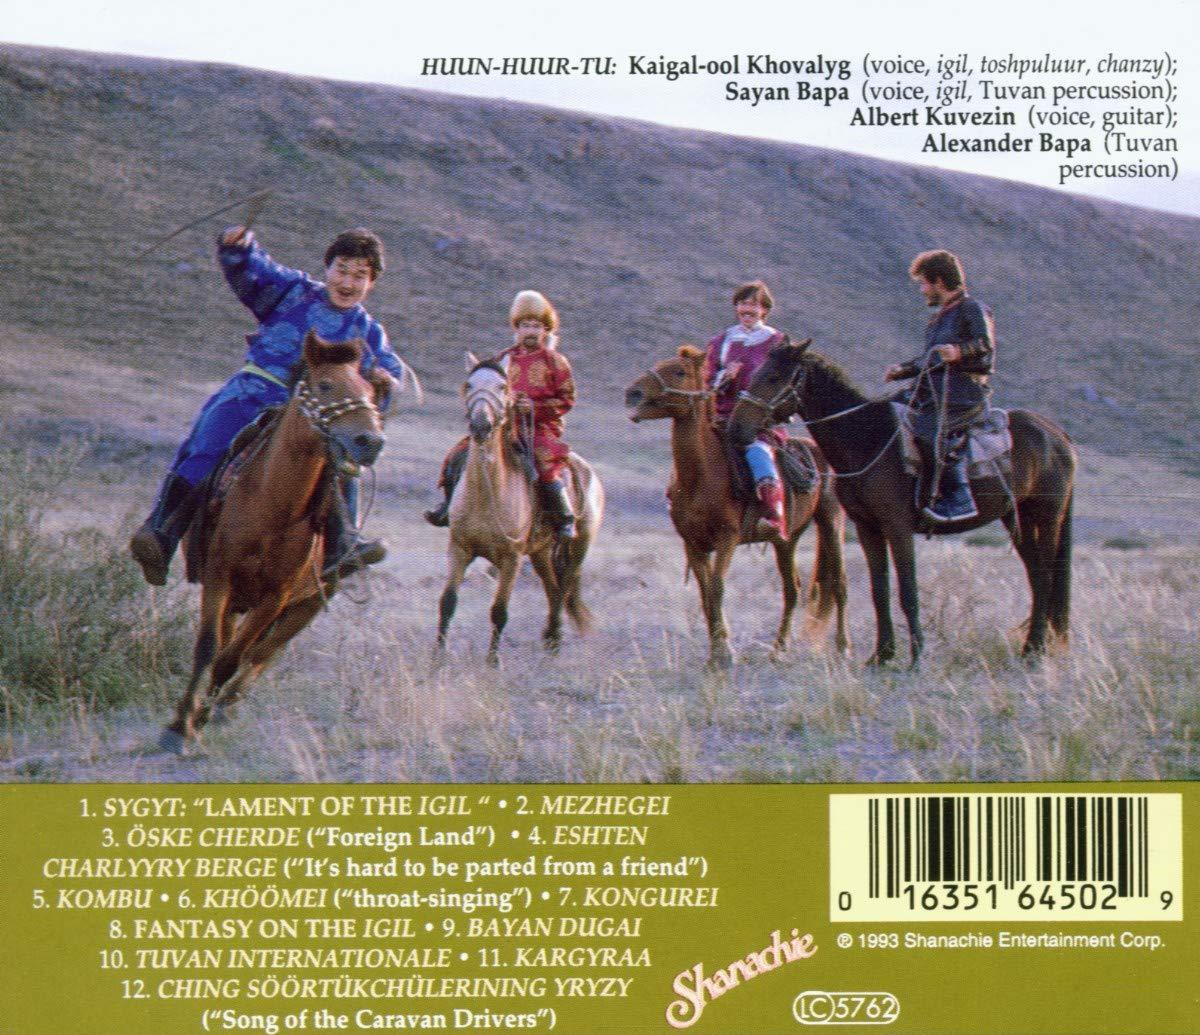 Задні бок вокладкі першага альбома Huun-Huur-Tu (1993 год). Міжнародны маркетынг нацыянальнага каларыту.